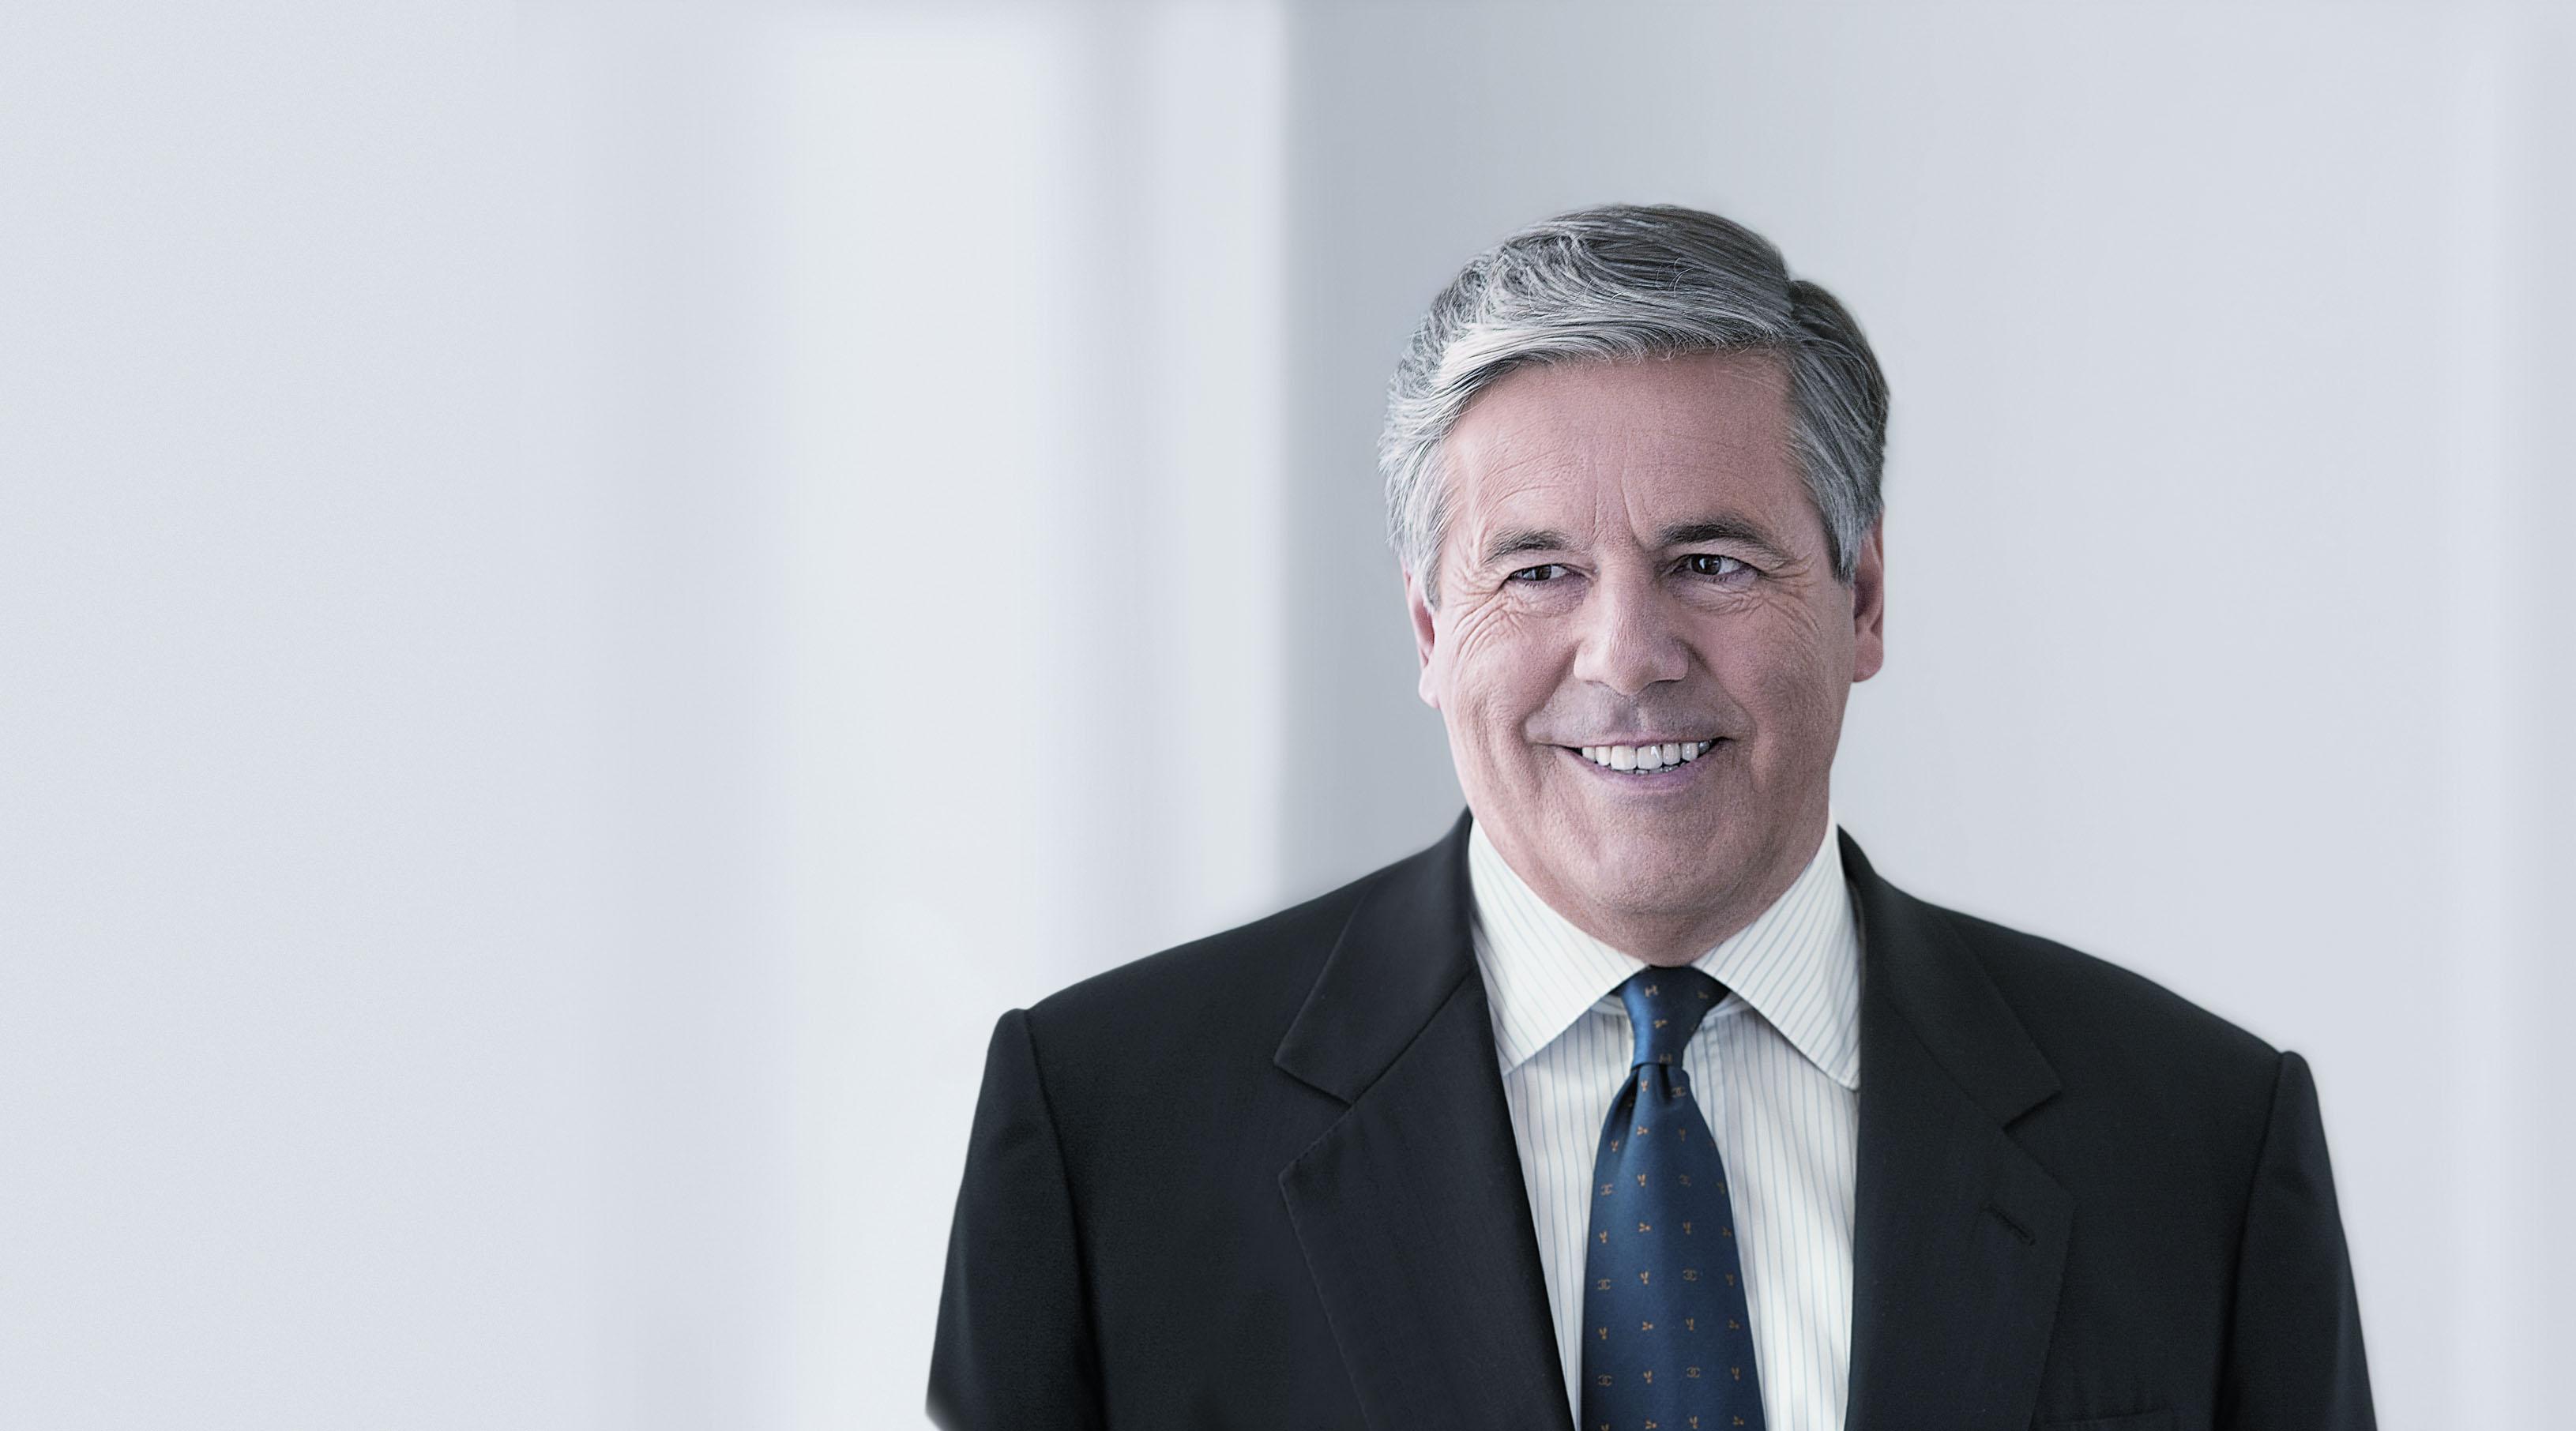 josef ackermann Das manager gehalt von josef ackermann kann sich sehen lassen die deutsche bank sicherte sich ihre spitzenposition und trotzte internationalen.